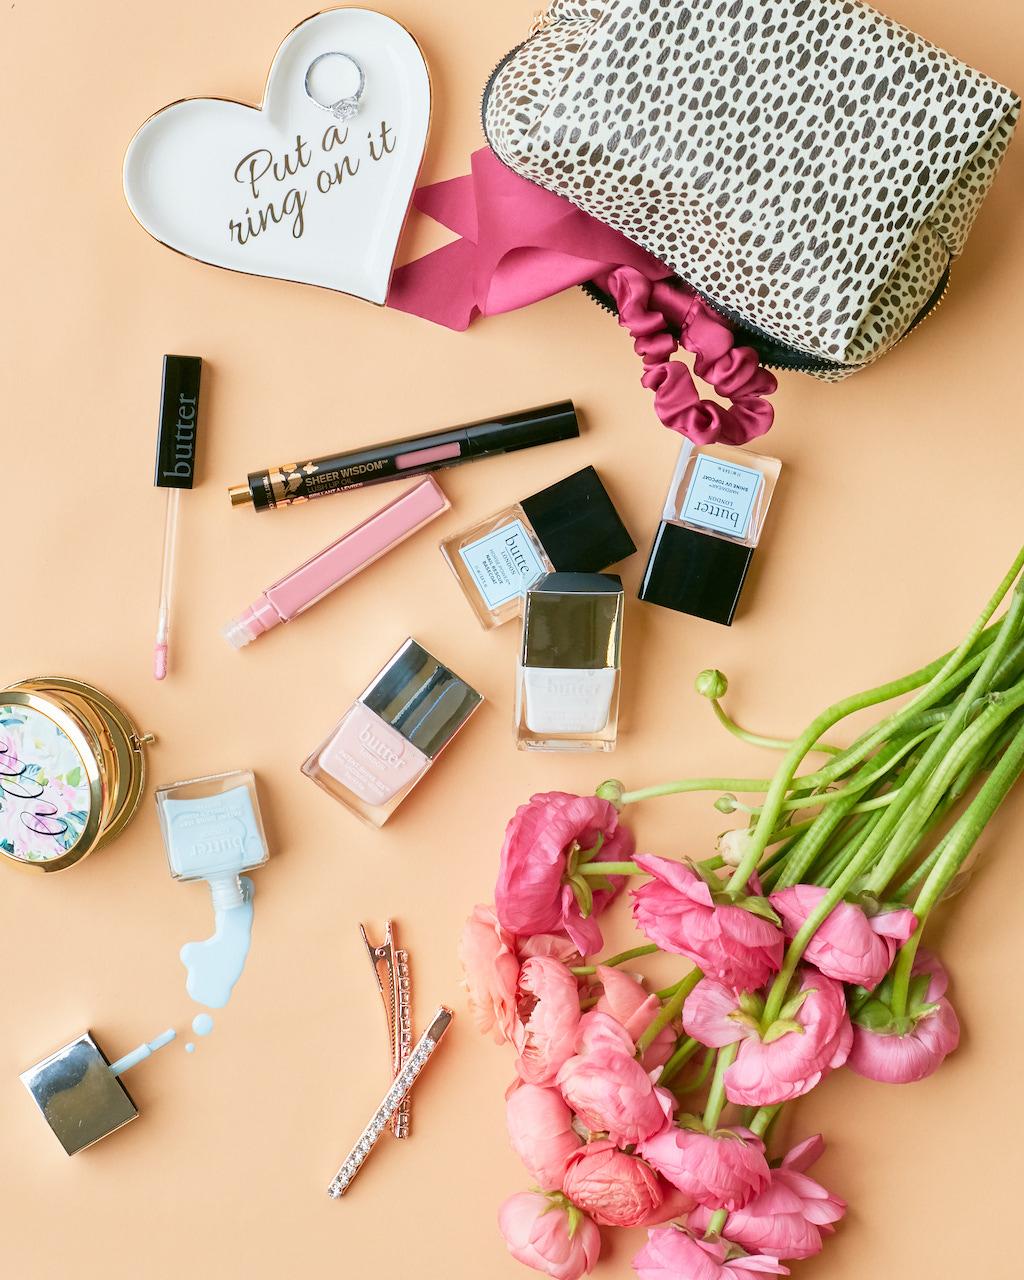 Bridal beauty flatlay with nail polishes, lip gloss, and makeup bag